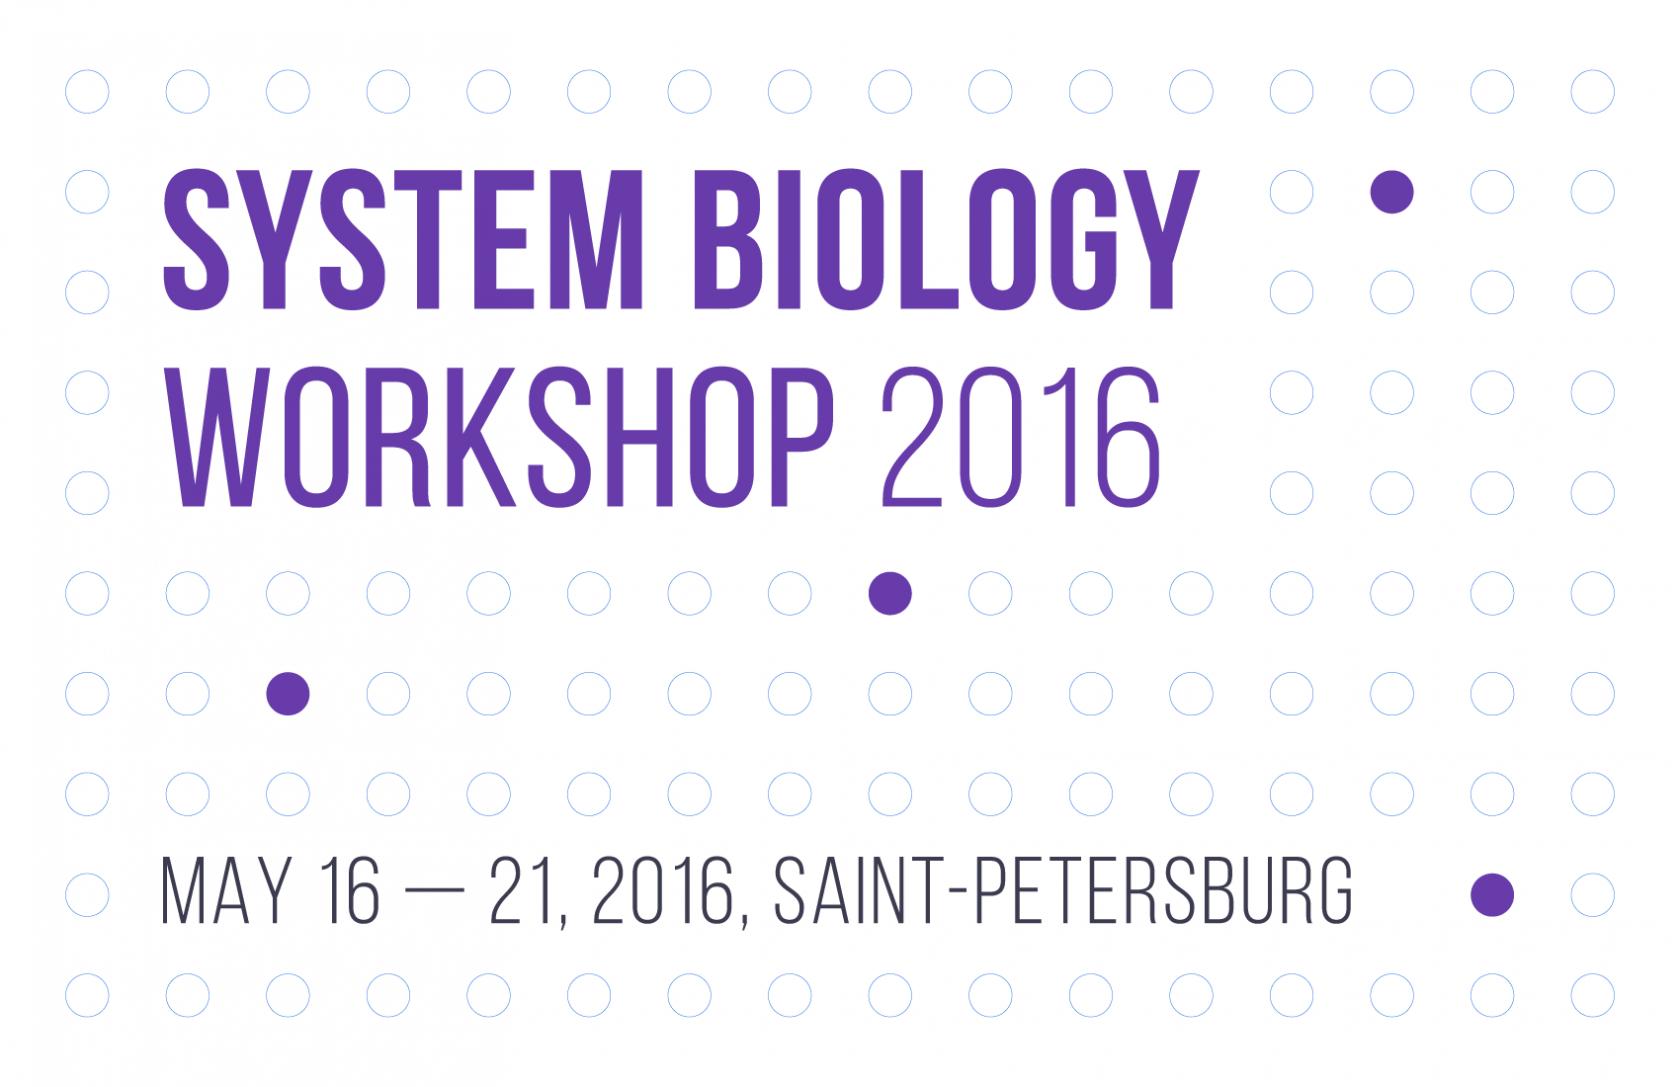 Bioinformatics institute, Systems Biology Workshop 2016, St. Petersburg.